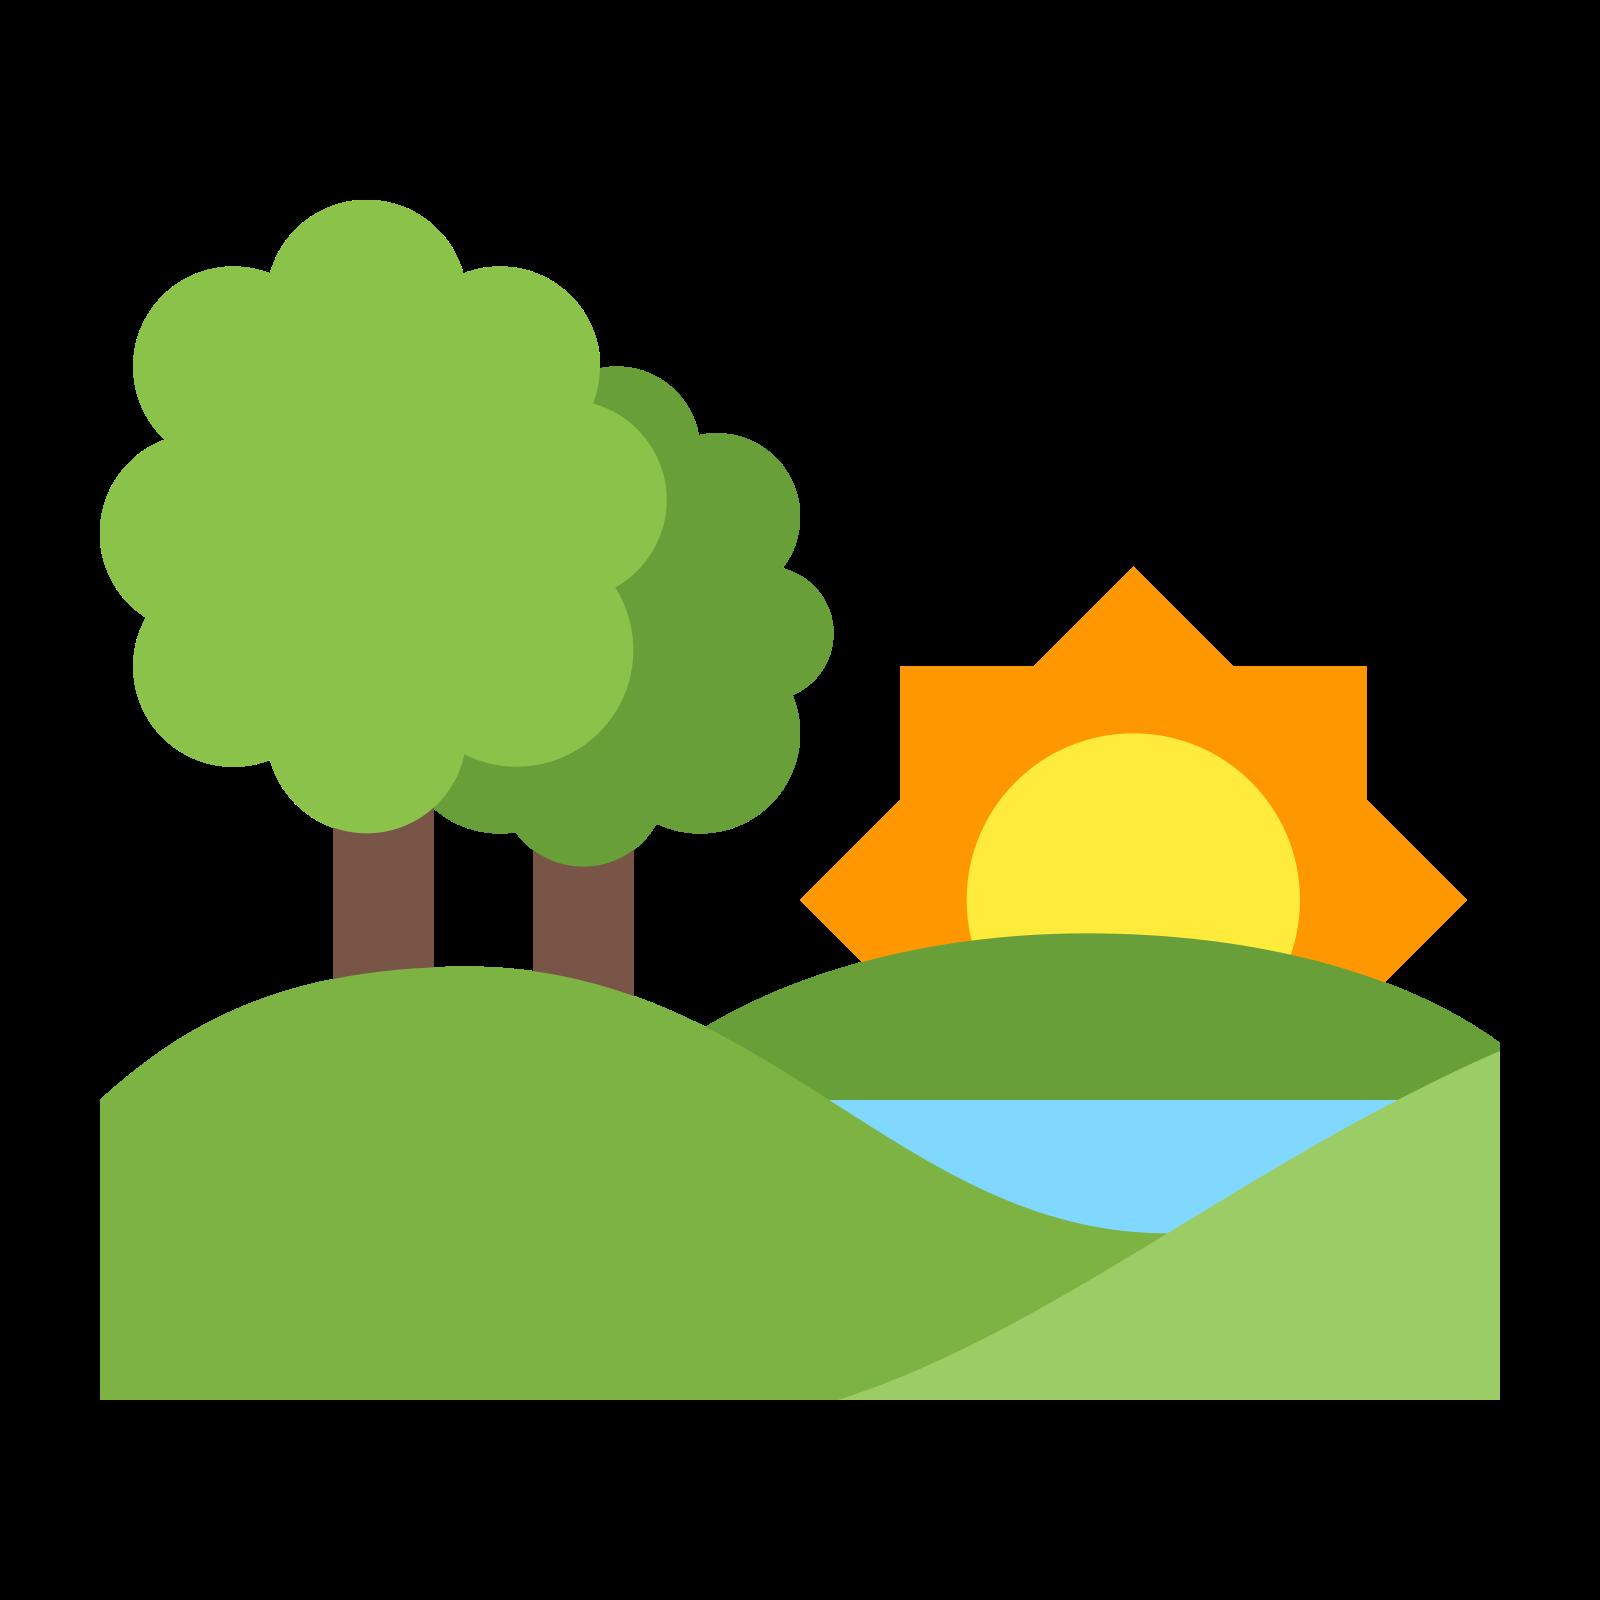 Natura icon